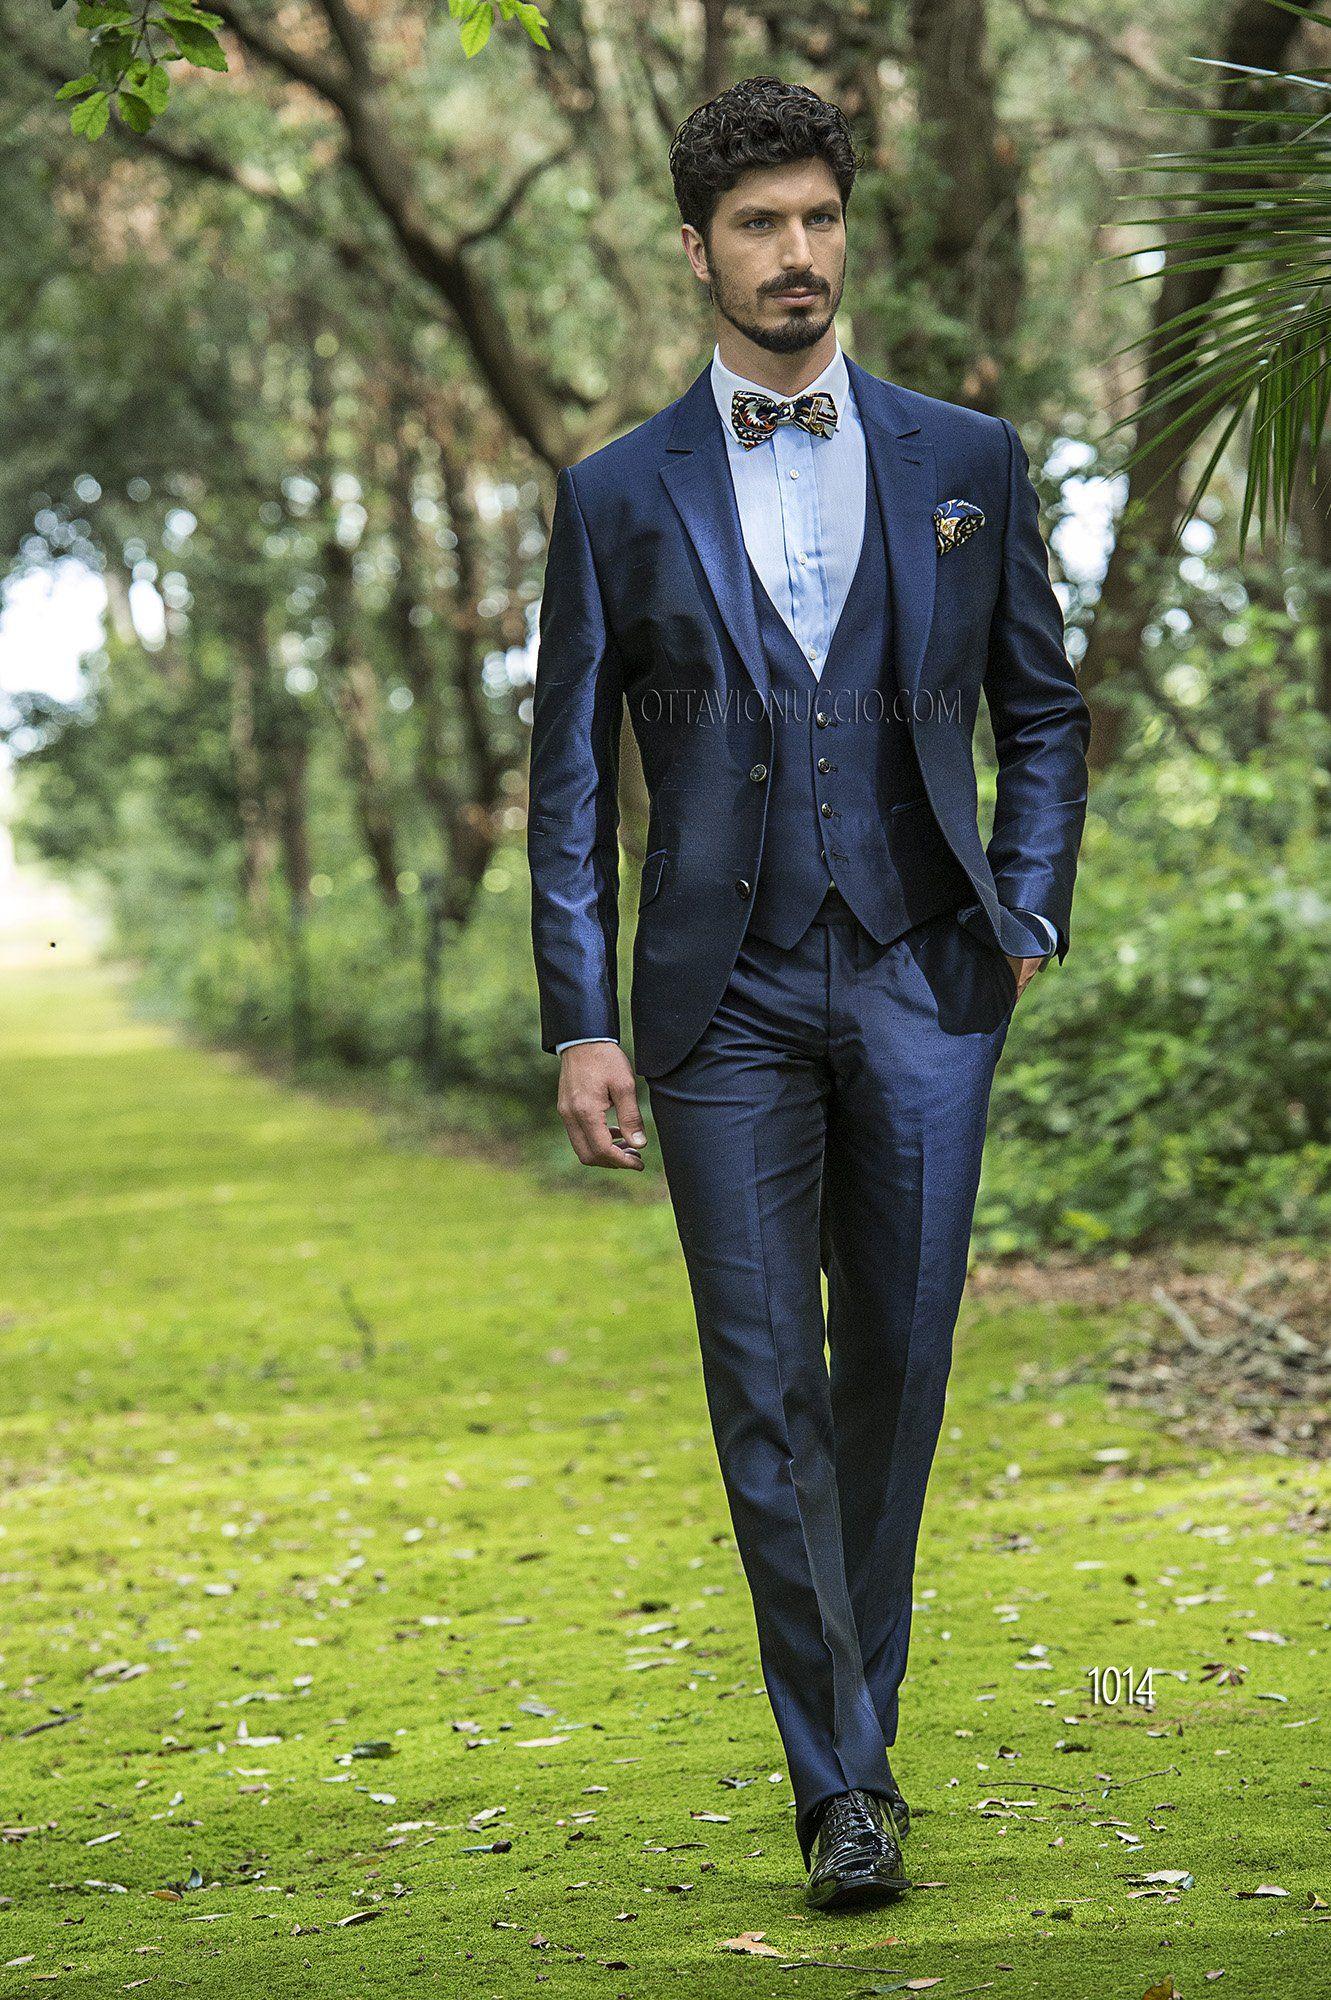 Abiti Cerimonia 3 Pezzi.Abito Da Cerimonia Uomo In Shantung Blu Hipster Mens Fashion